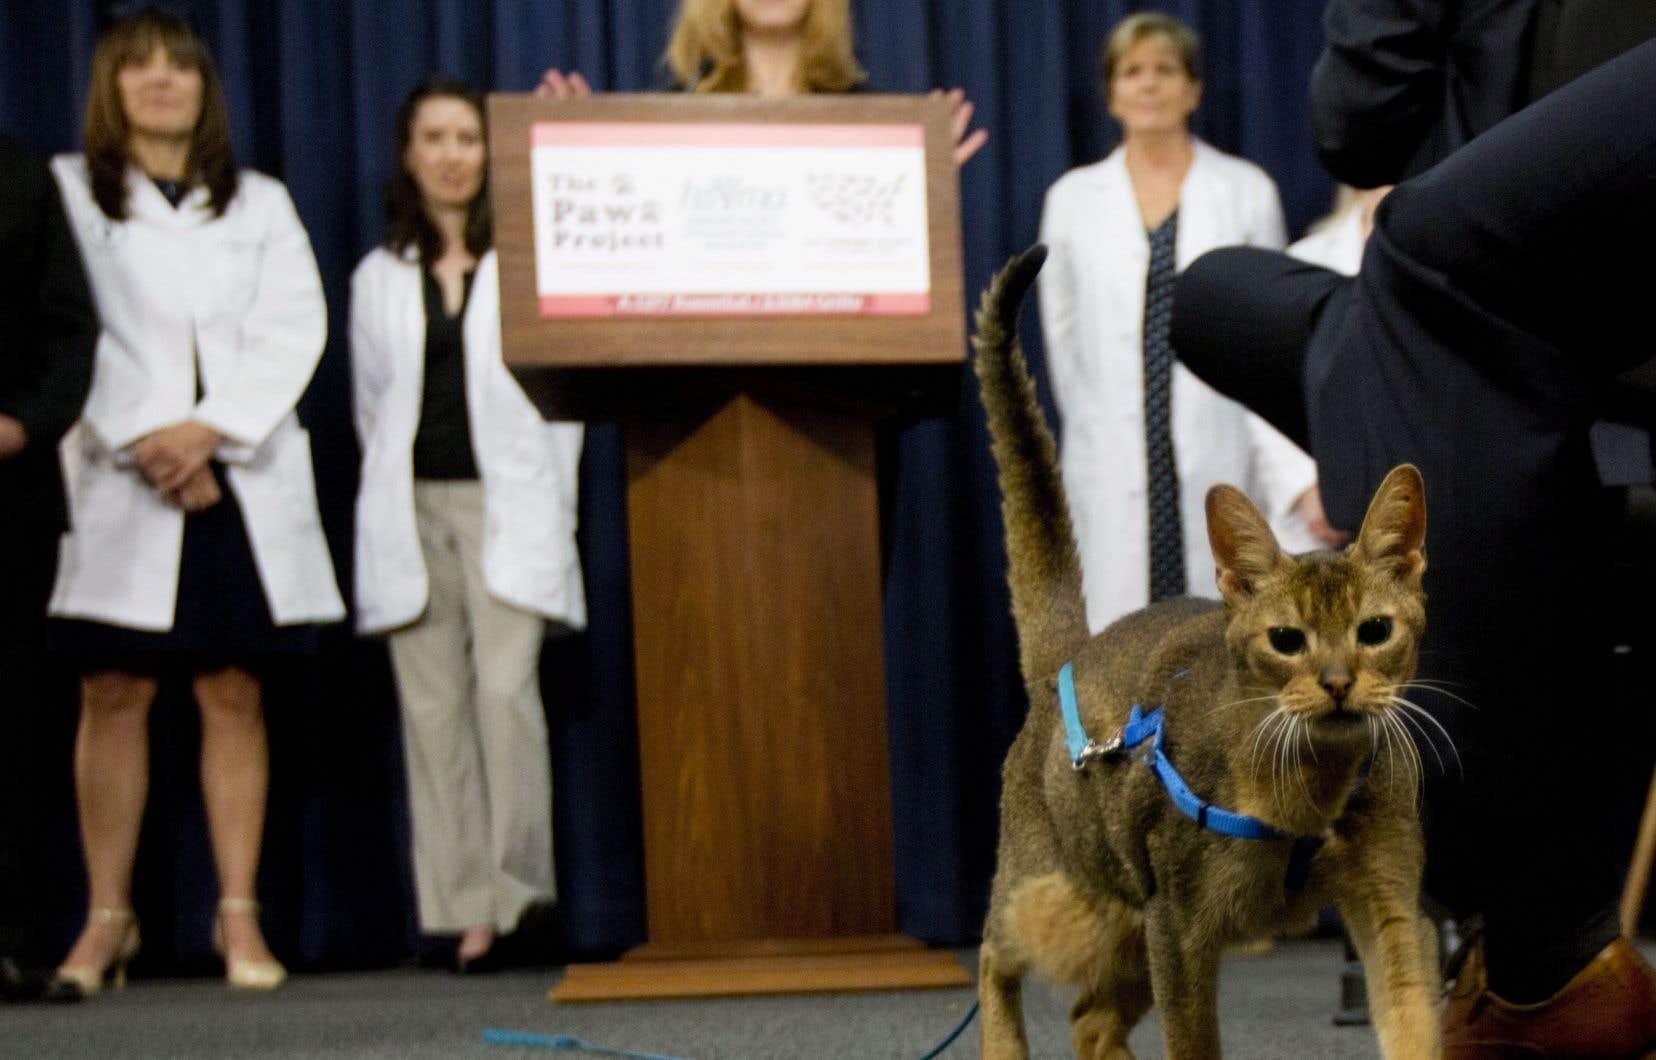 Un chat nommé Rubio marche devant le podium lors d'une conférence de presse à Albany. New York devient le premier État des États-Unis à interdire le dégriffage des chats.